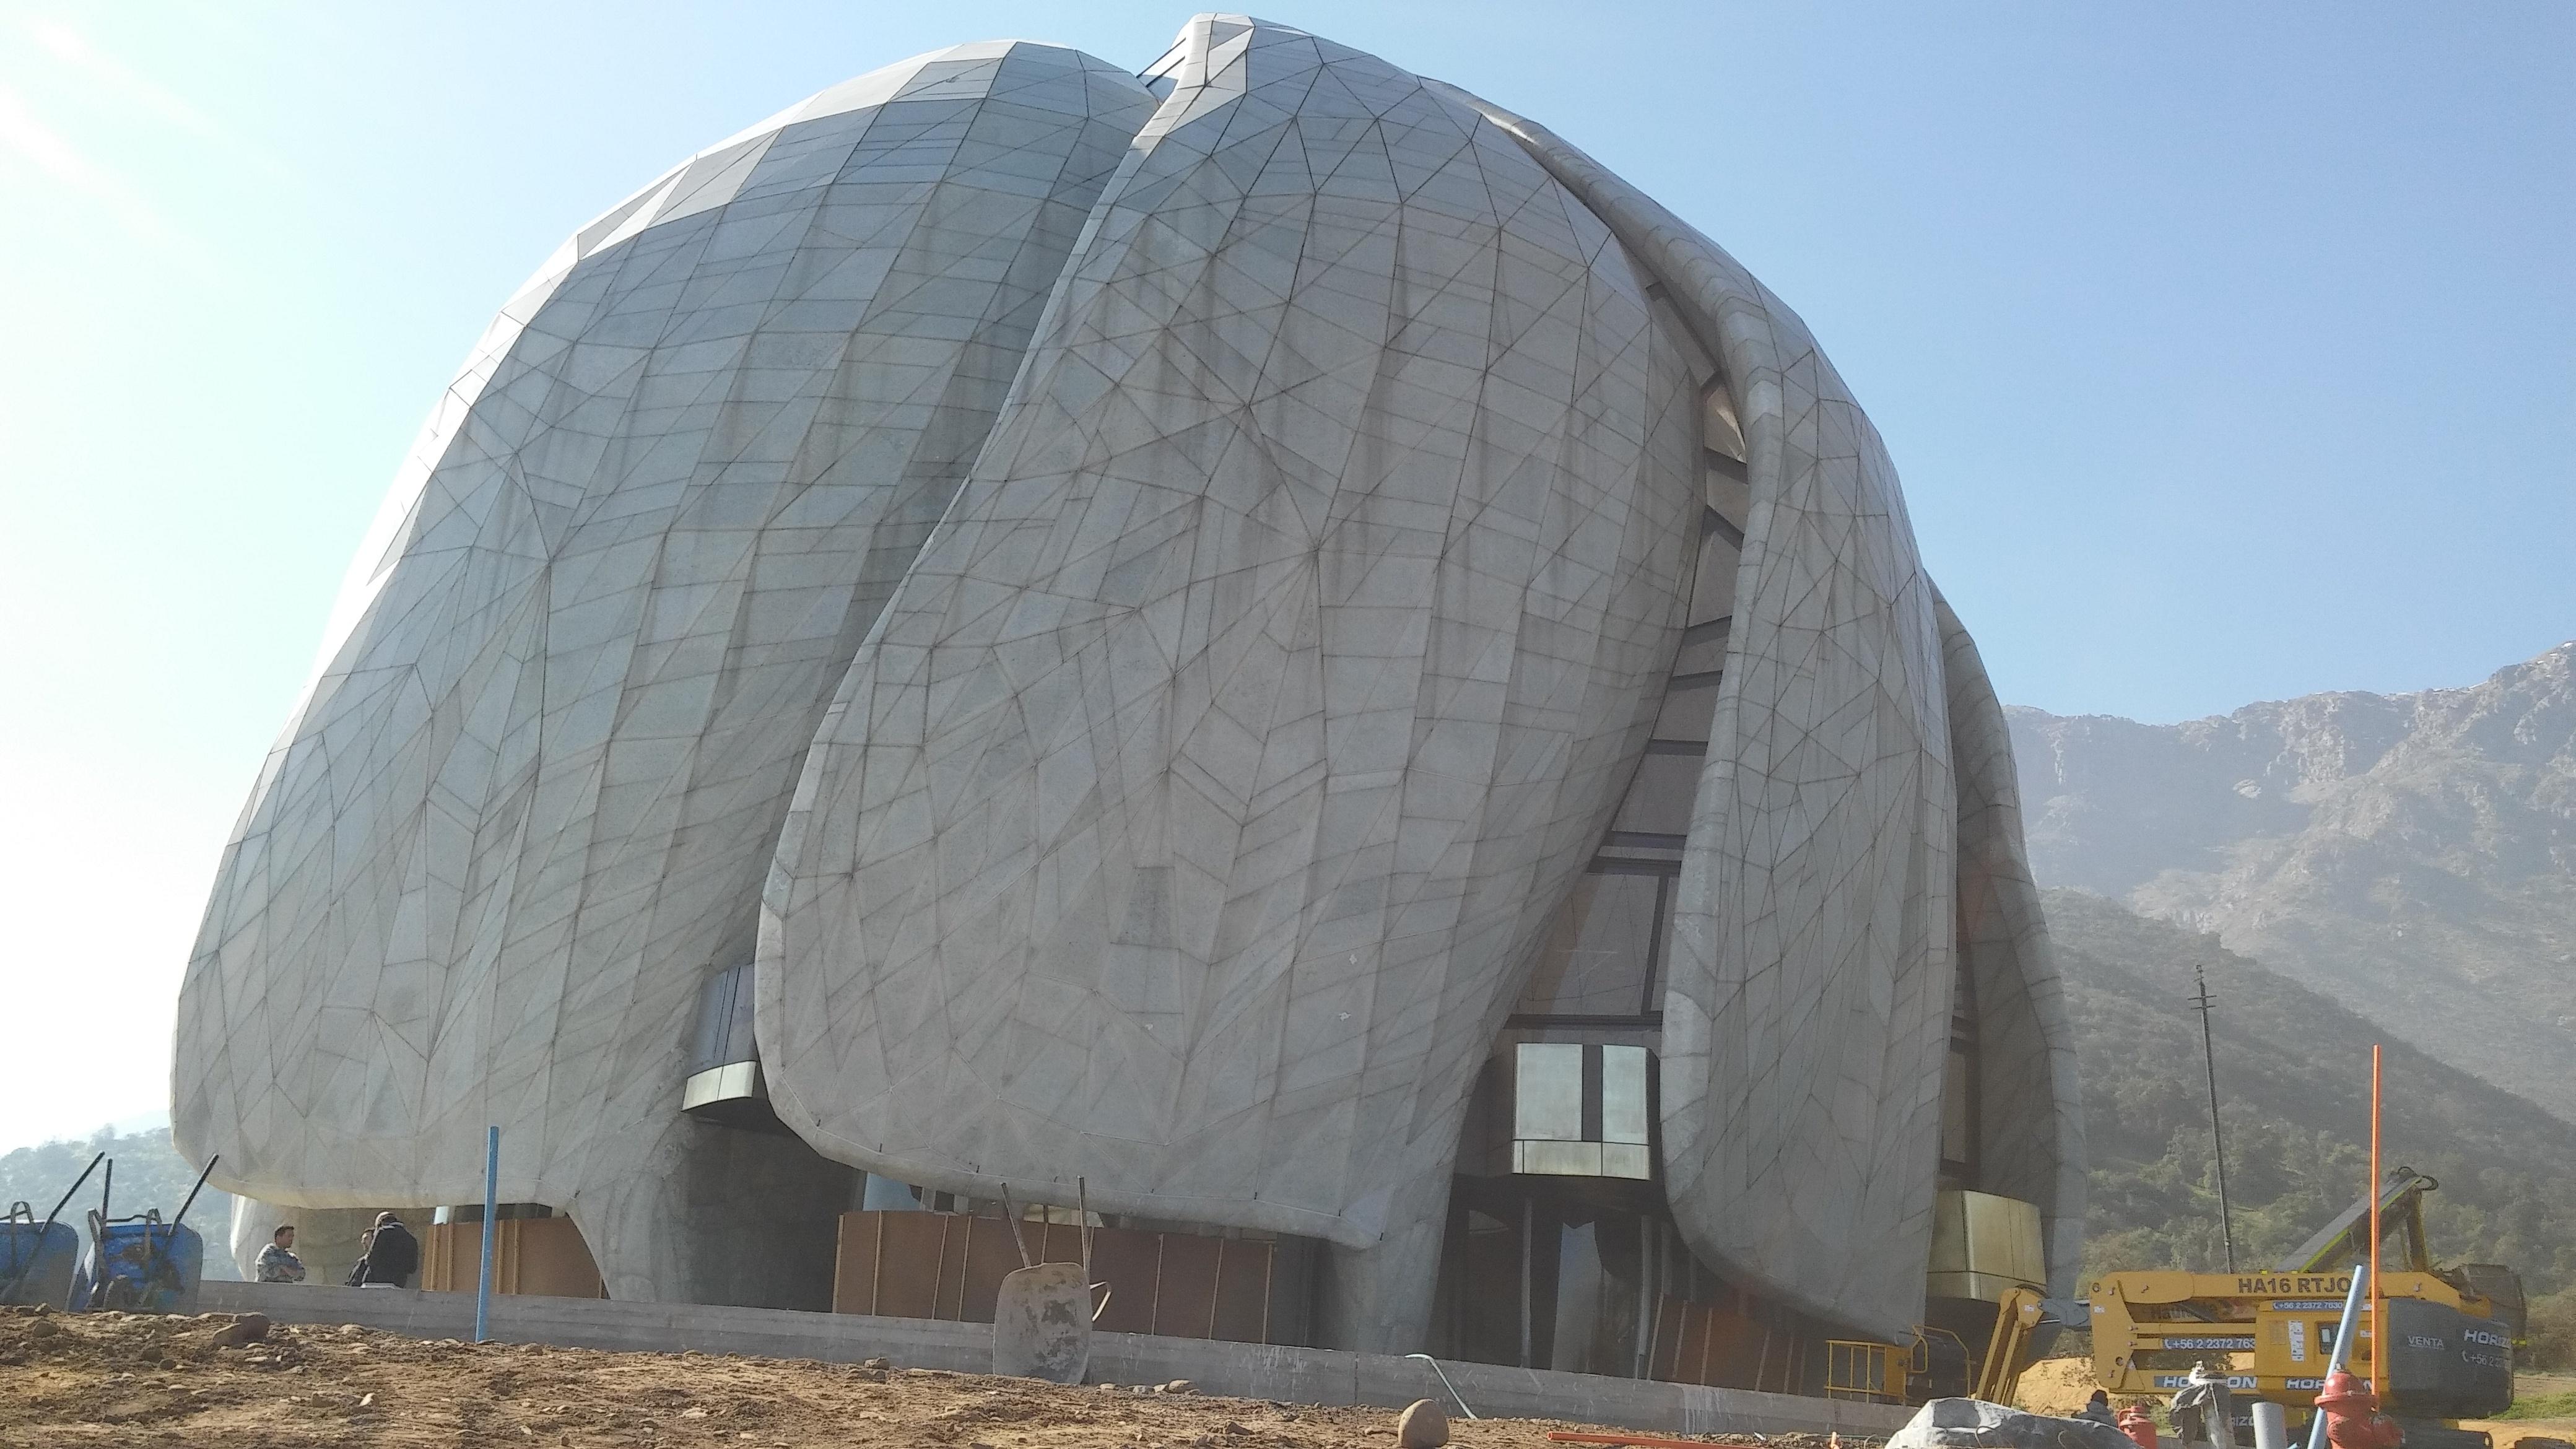 IMCO impermeabilización y construcción